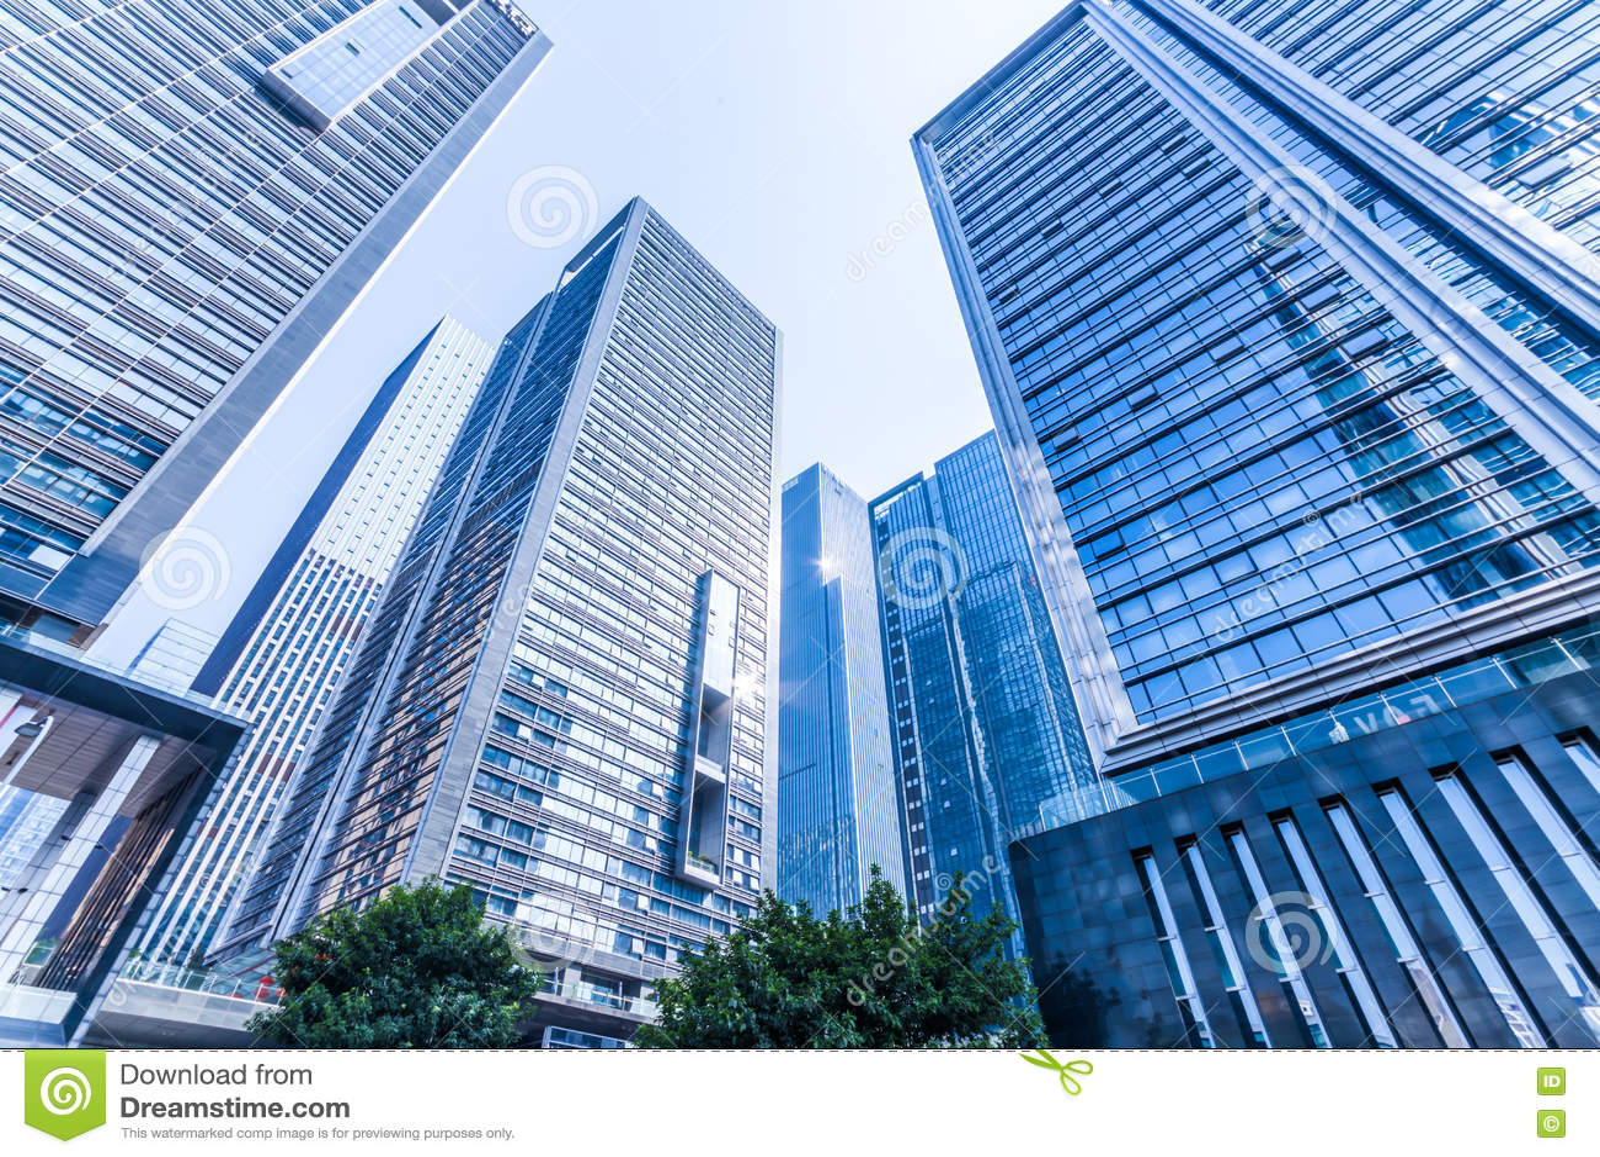 Grattacieli moderni comuni di affari, grattacieli, architettura che si alza al cielo